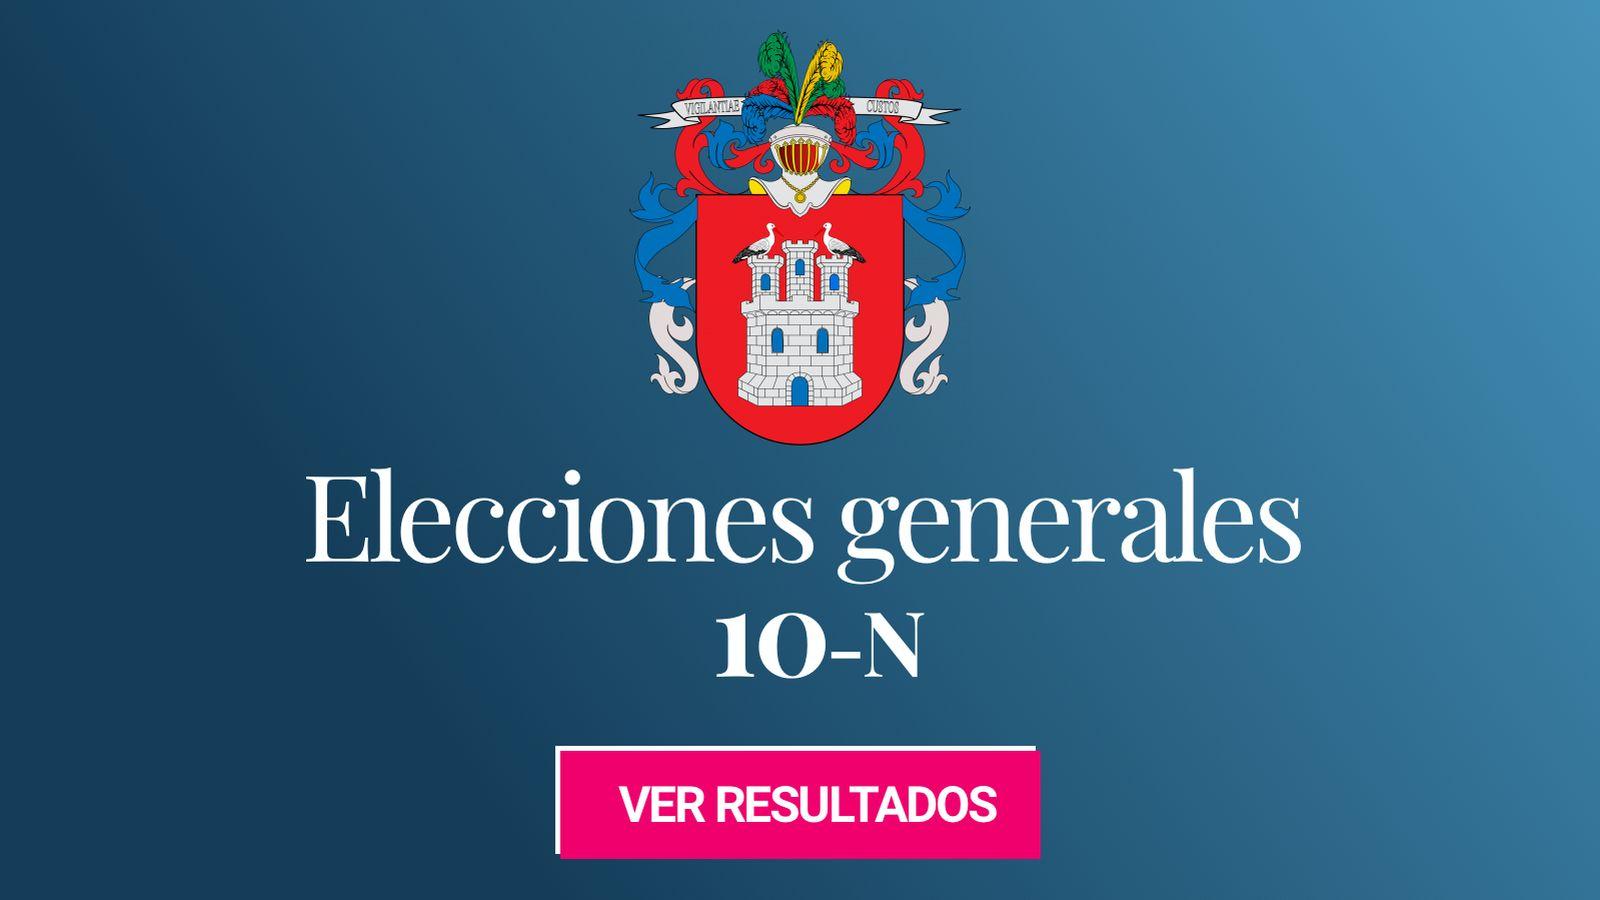 Foto: Elecciones generales 2019 en Irun. (C.C./EC)